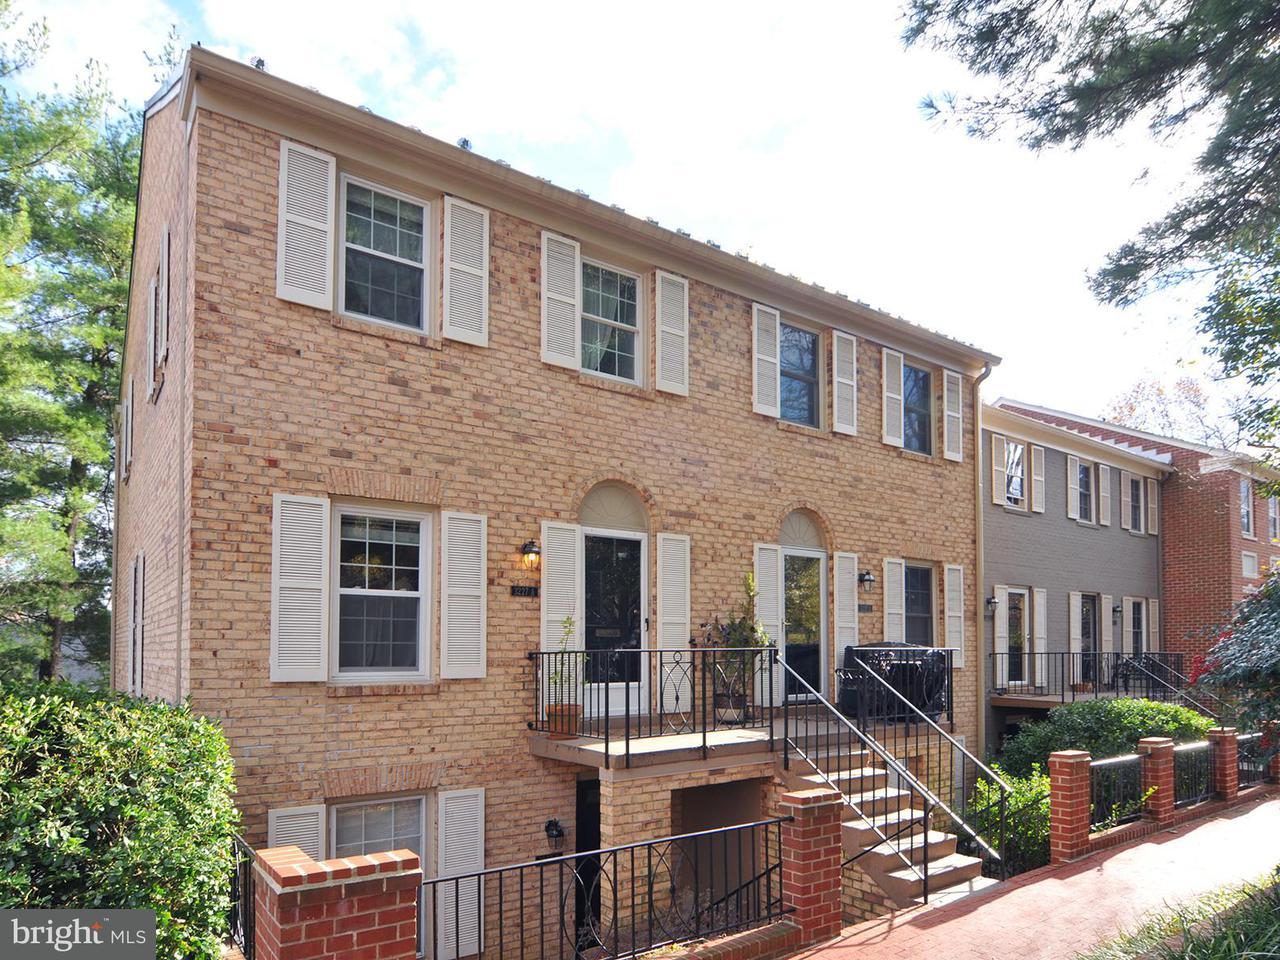 Частный односемейный дом для того Продажа на 3227 Sutton Pl Nw #A 3227 Sutton Pl Nw #A Washington, Округ Колумбия 20016 Соединенные Штаты